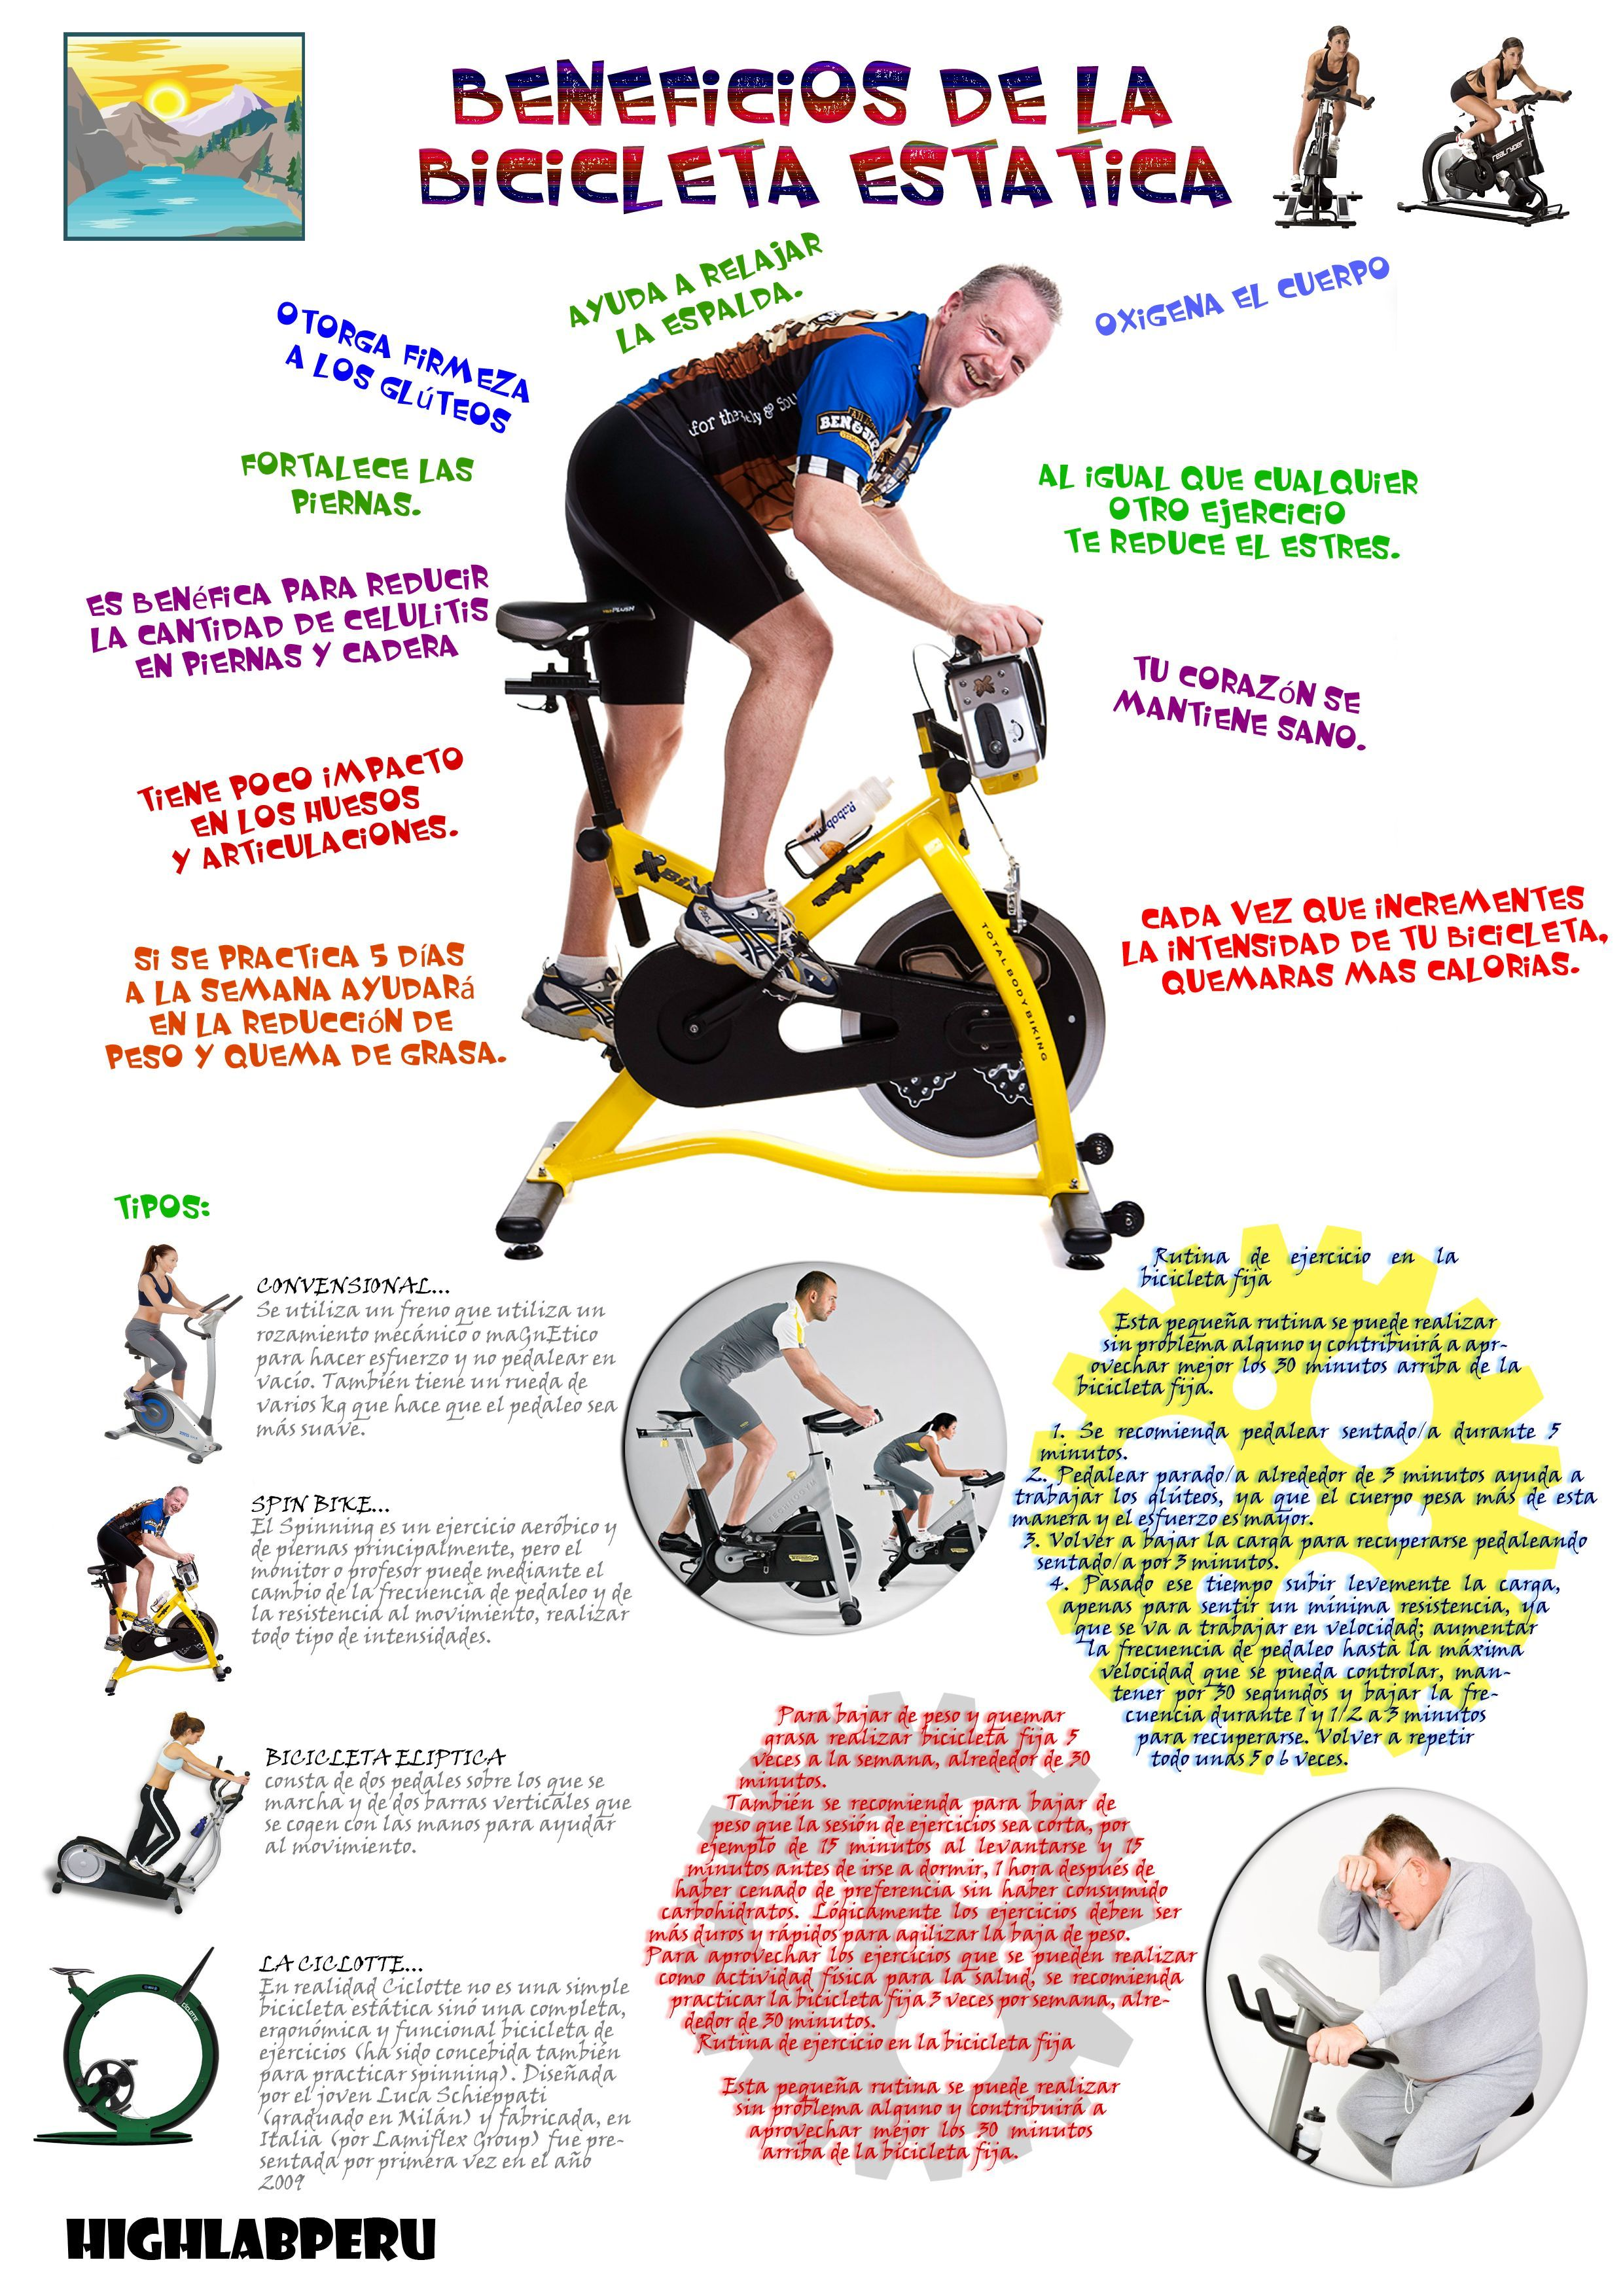 Beneficios de la bicicleta estatica highlabperu los invitamos a la consulta con jose escalante - Beneficios de la bici eliptica ...